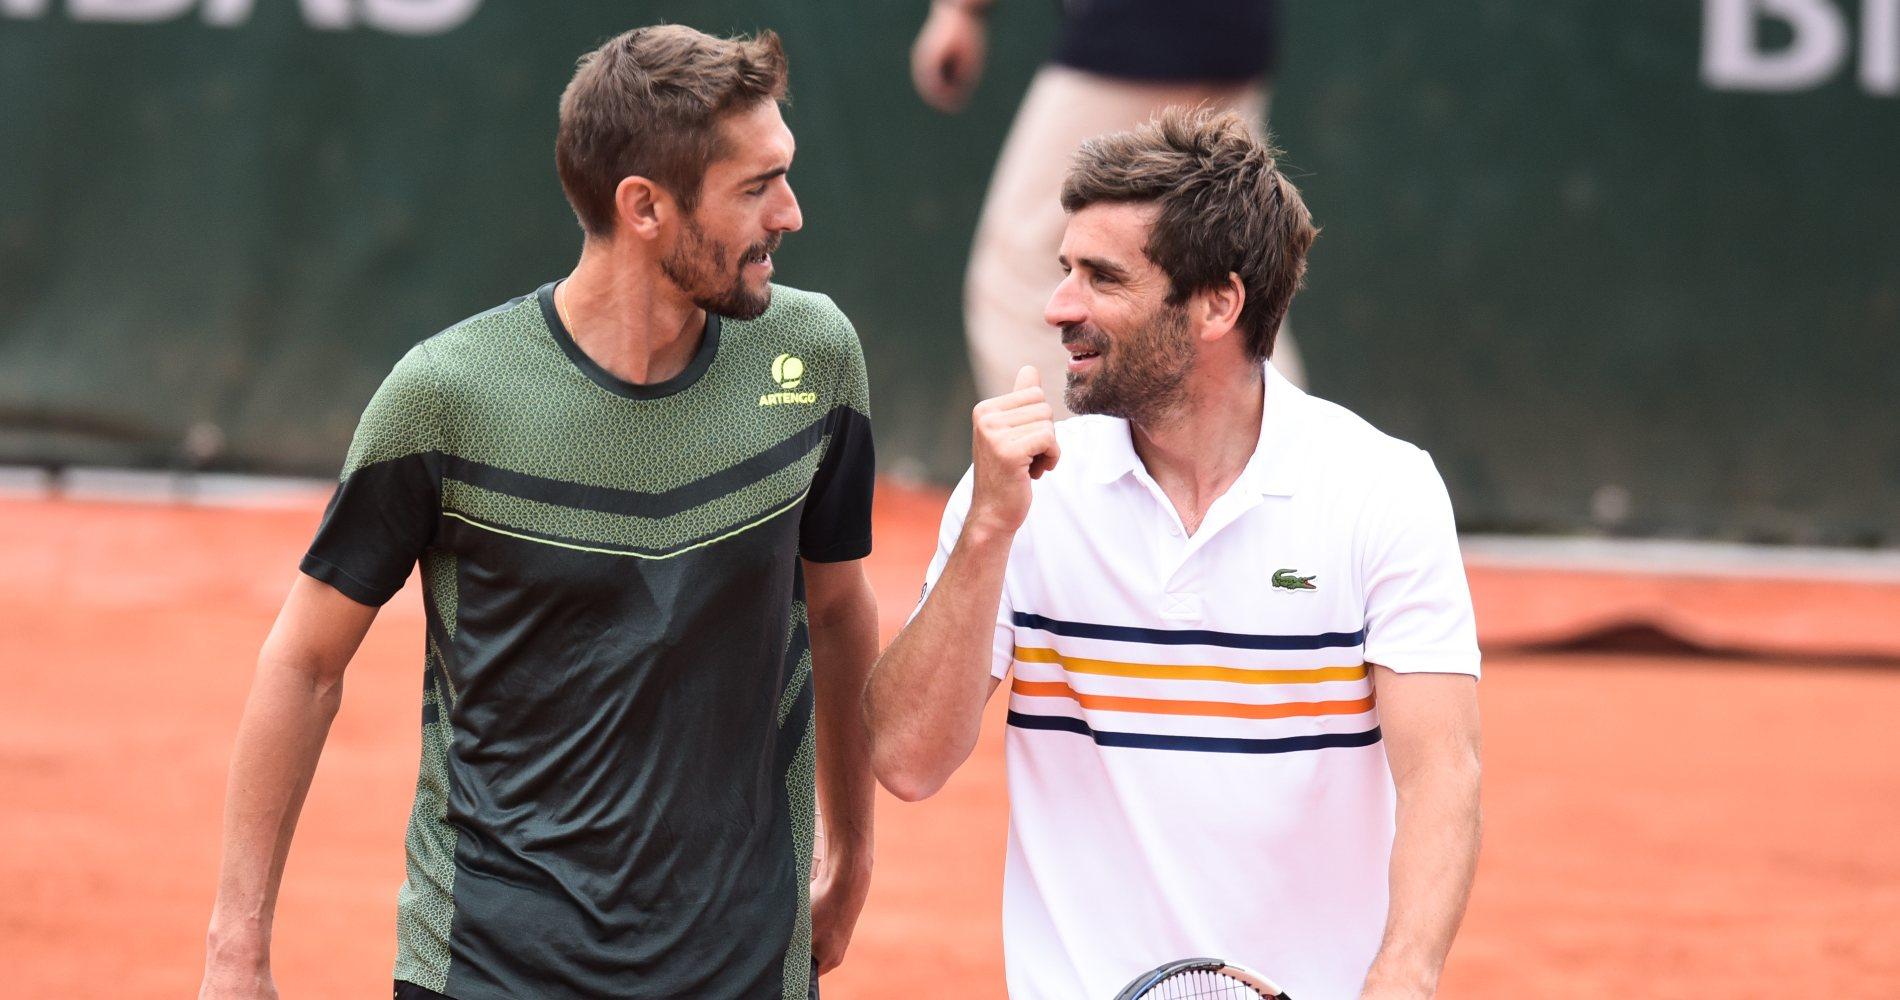 Nicolas Escudé & Arnaud Clément, Roland-Garros, 2018